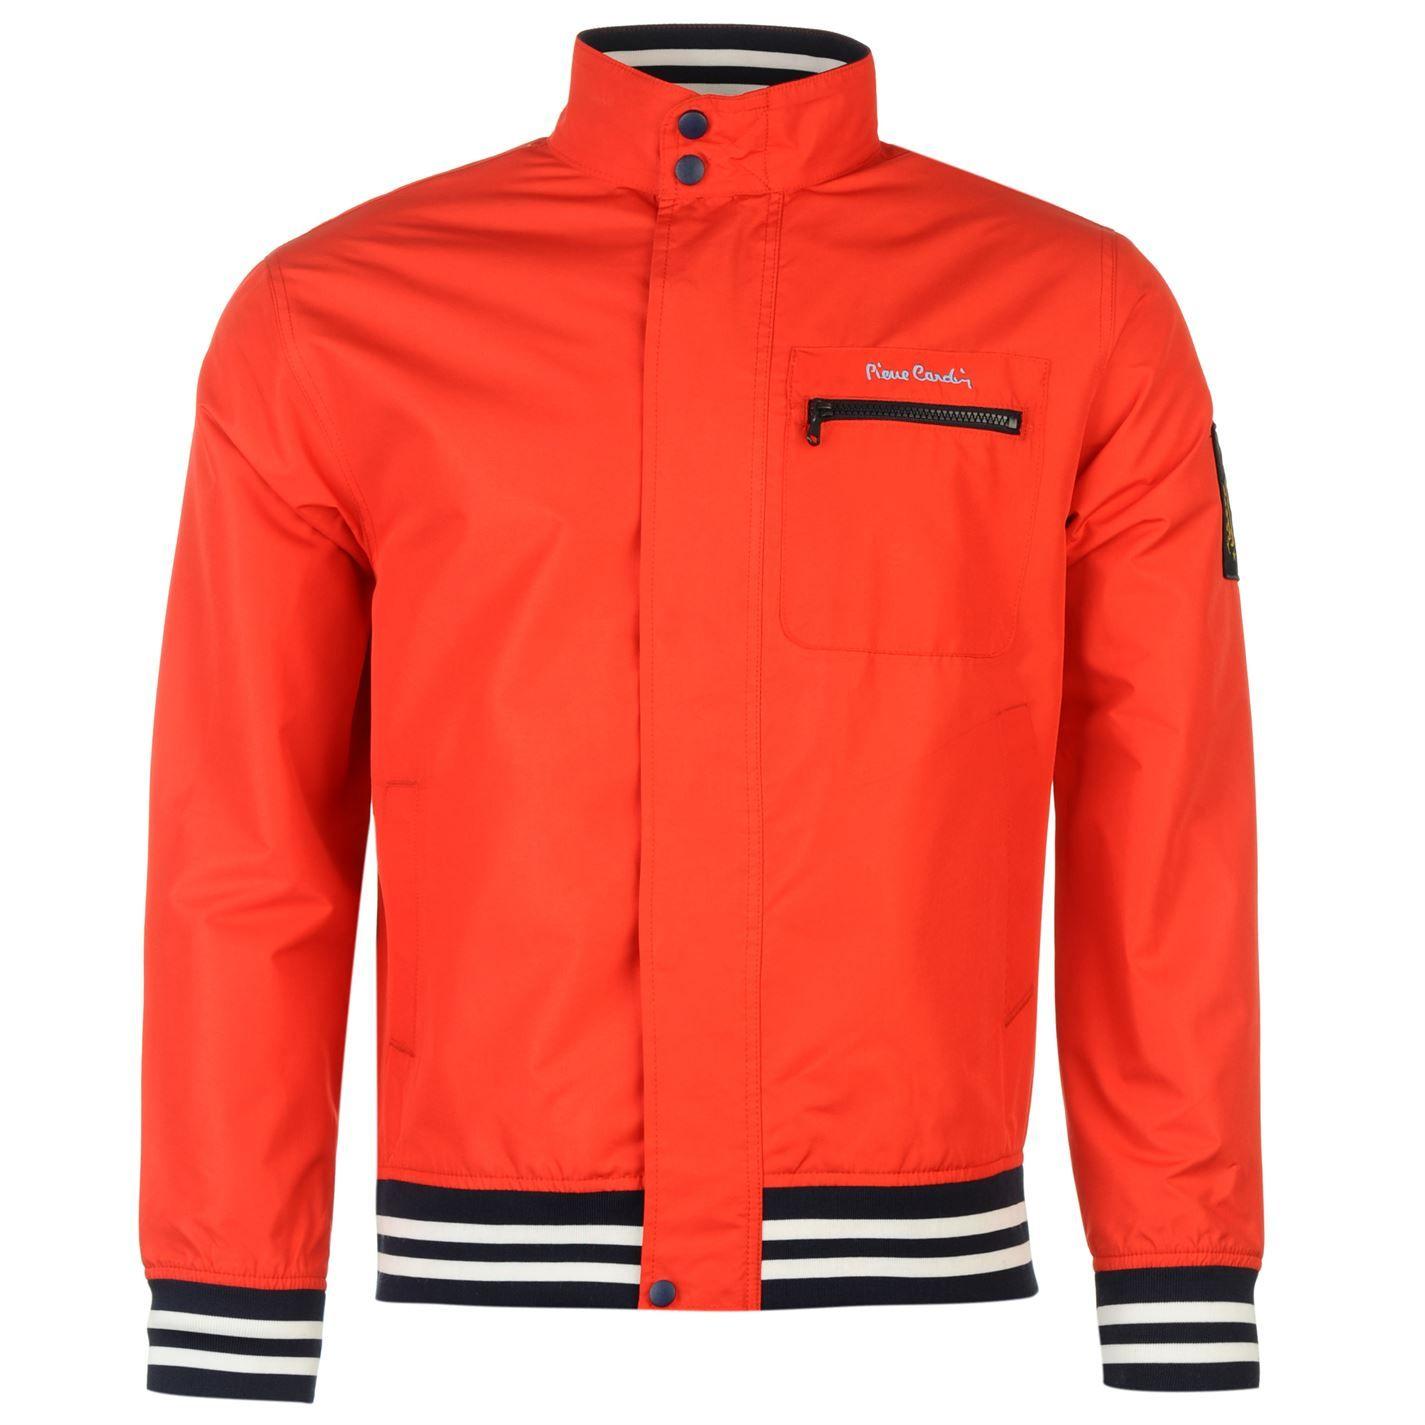 Pierre Cardin   Pierre Cardin Wind Breaker Jacket Mens   Mens Lightweight  Jackets